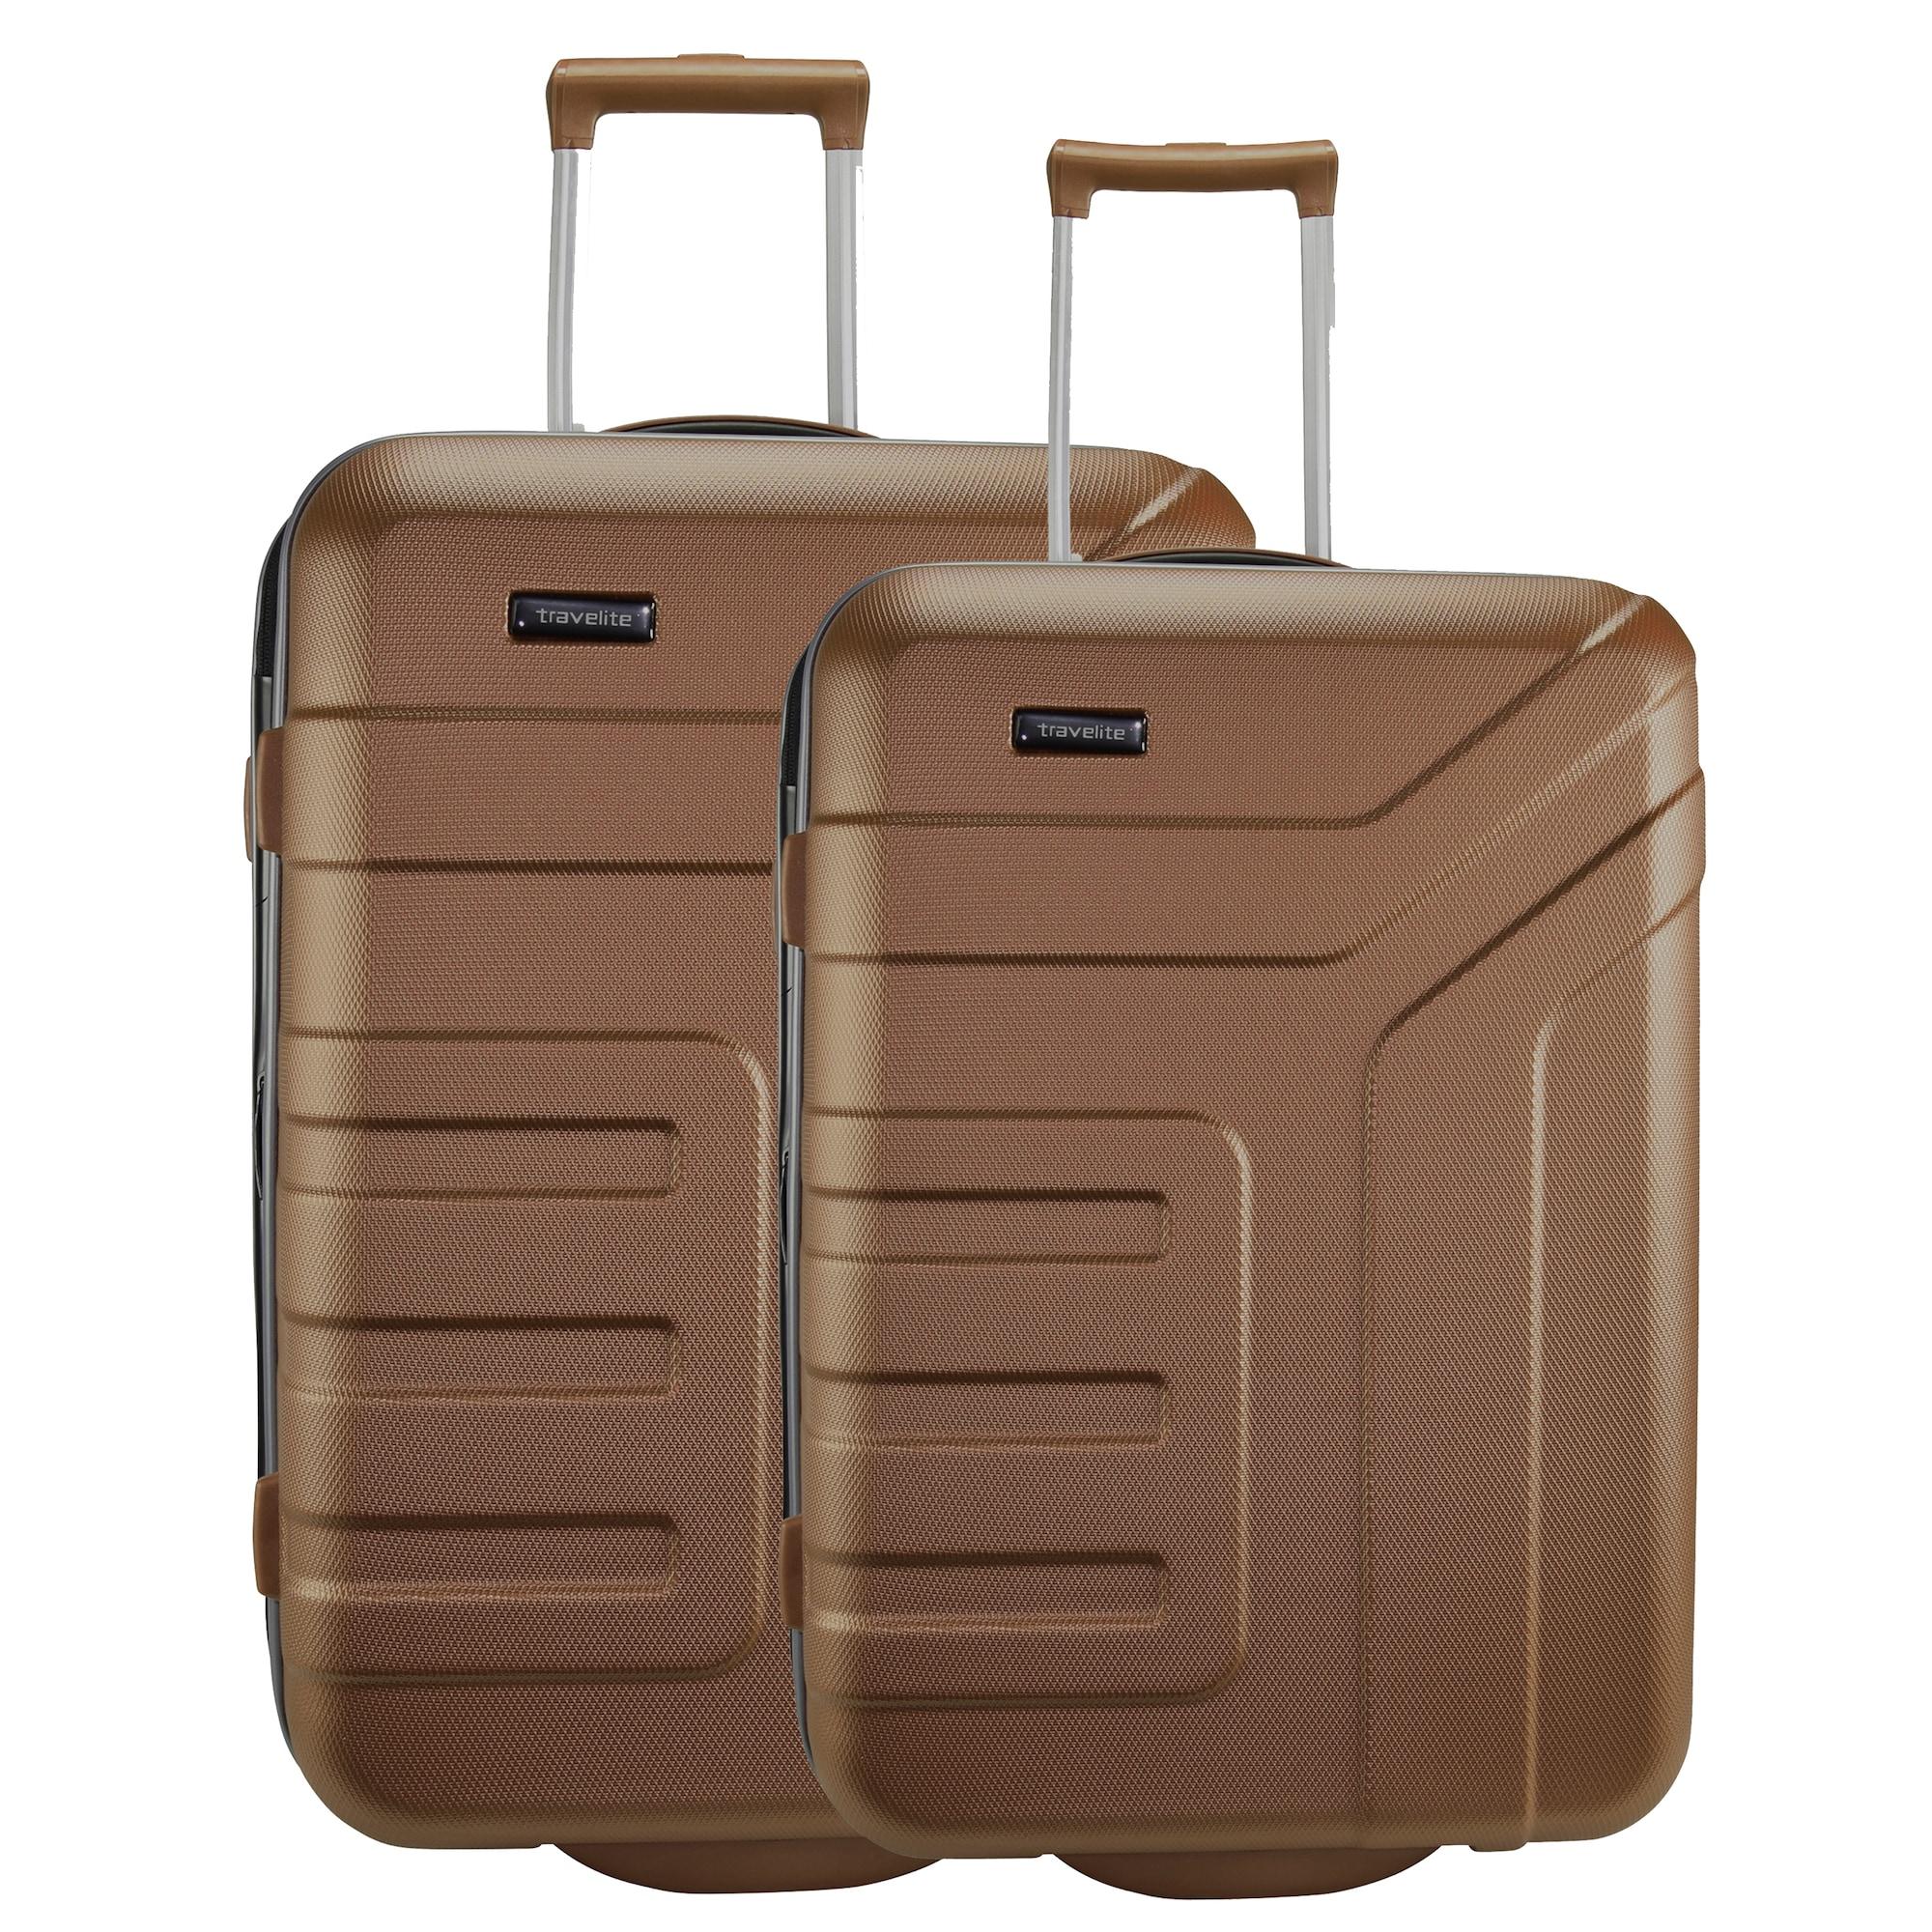 Kofferset 2tlg. | Taschen > Koffer & Trolleys > Koffersets | Braun | Travelite